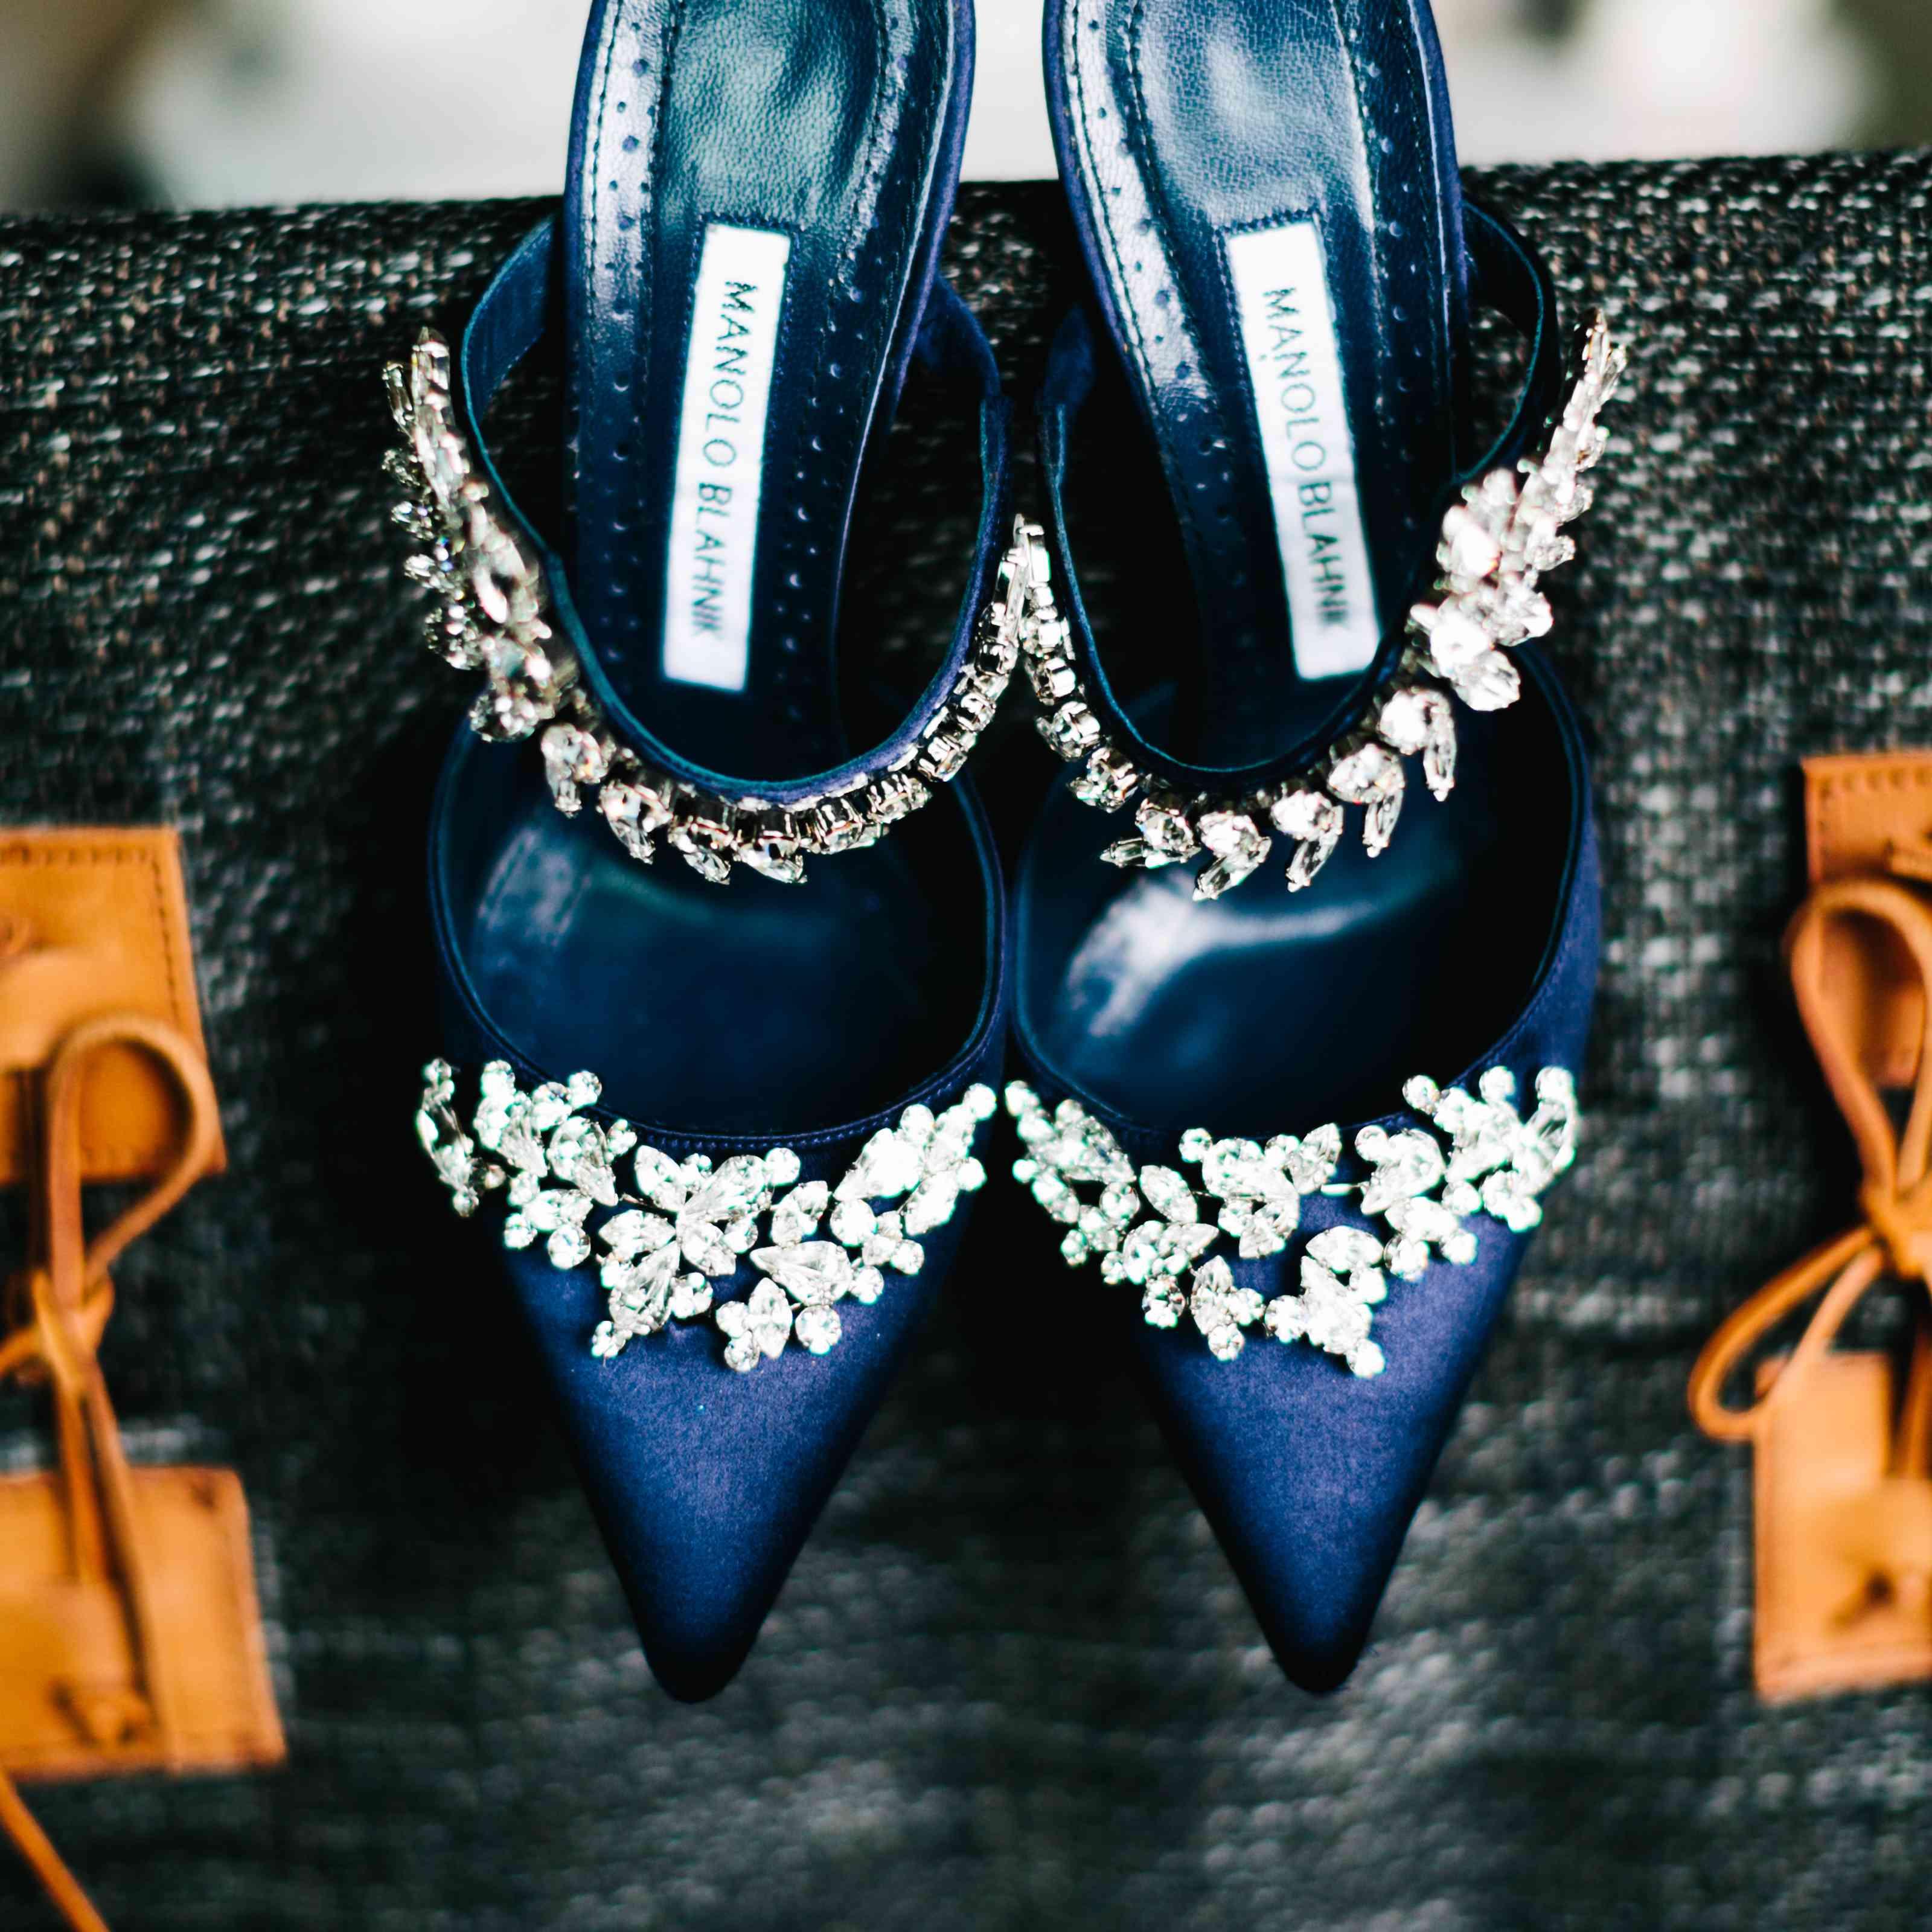 Bride Manolo Blahnik Shoes